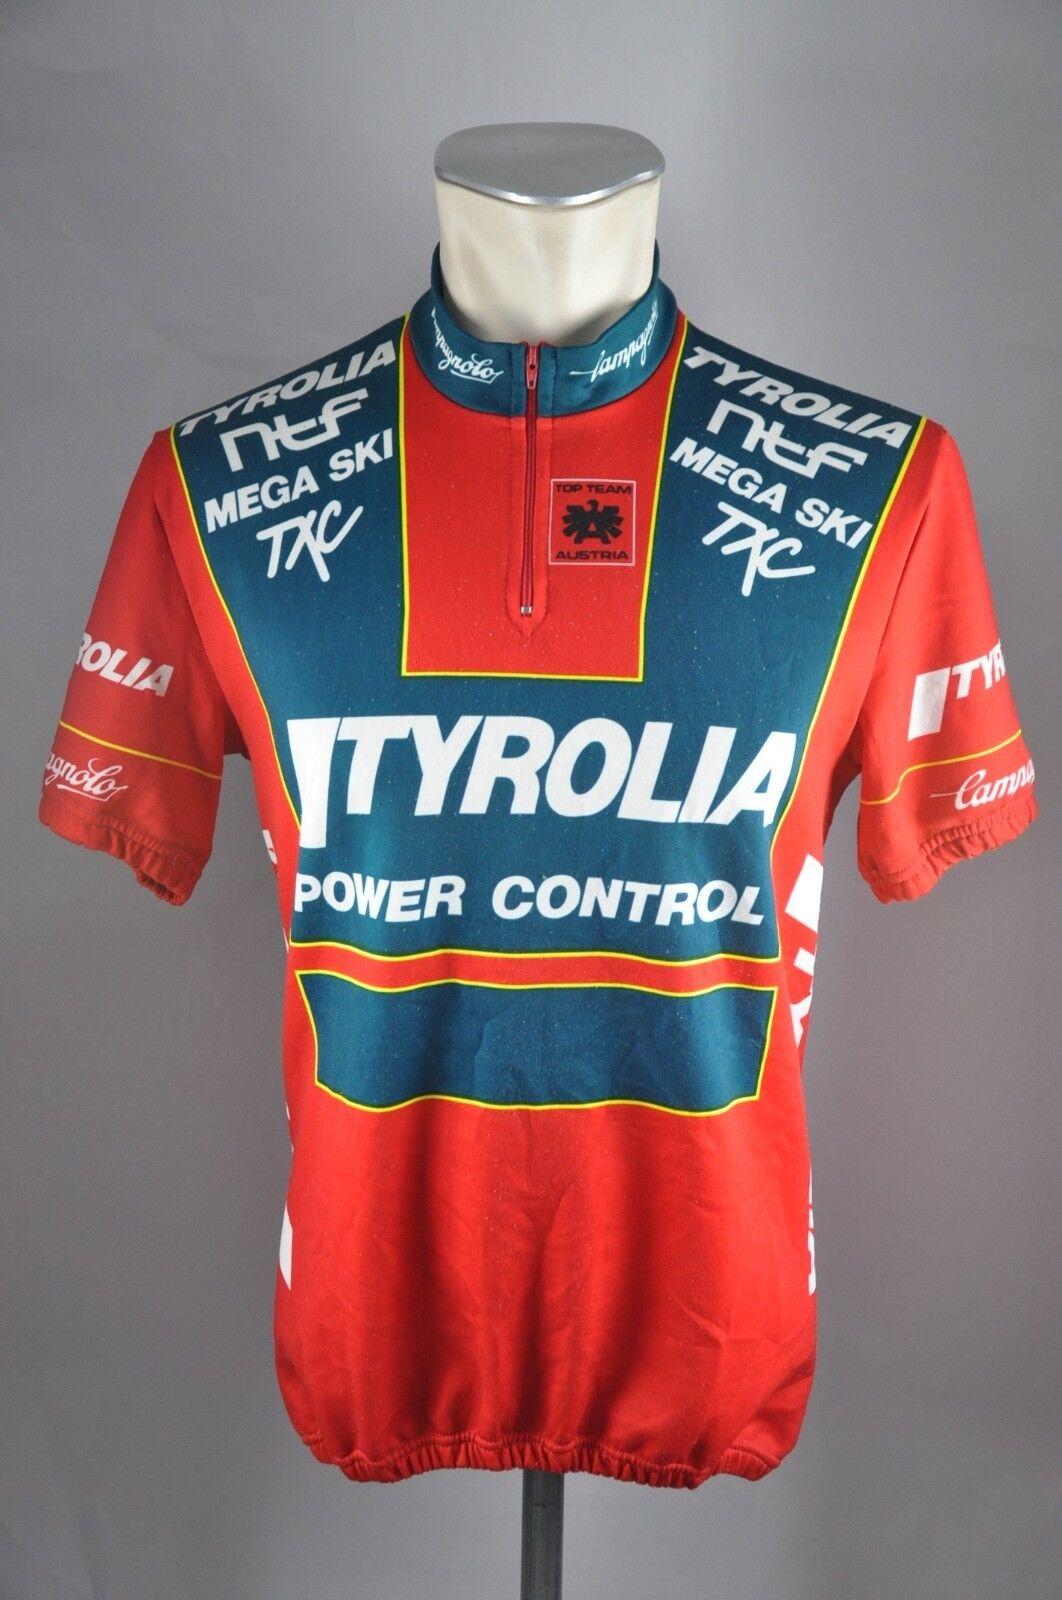 Vintage Tyrolia Team Austria  Jersey Bike Size L BW 52cm Cycling Bike Jersey ke6  online fashion shopping